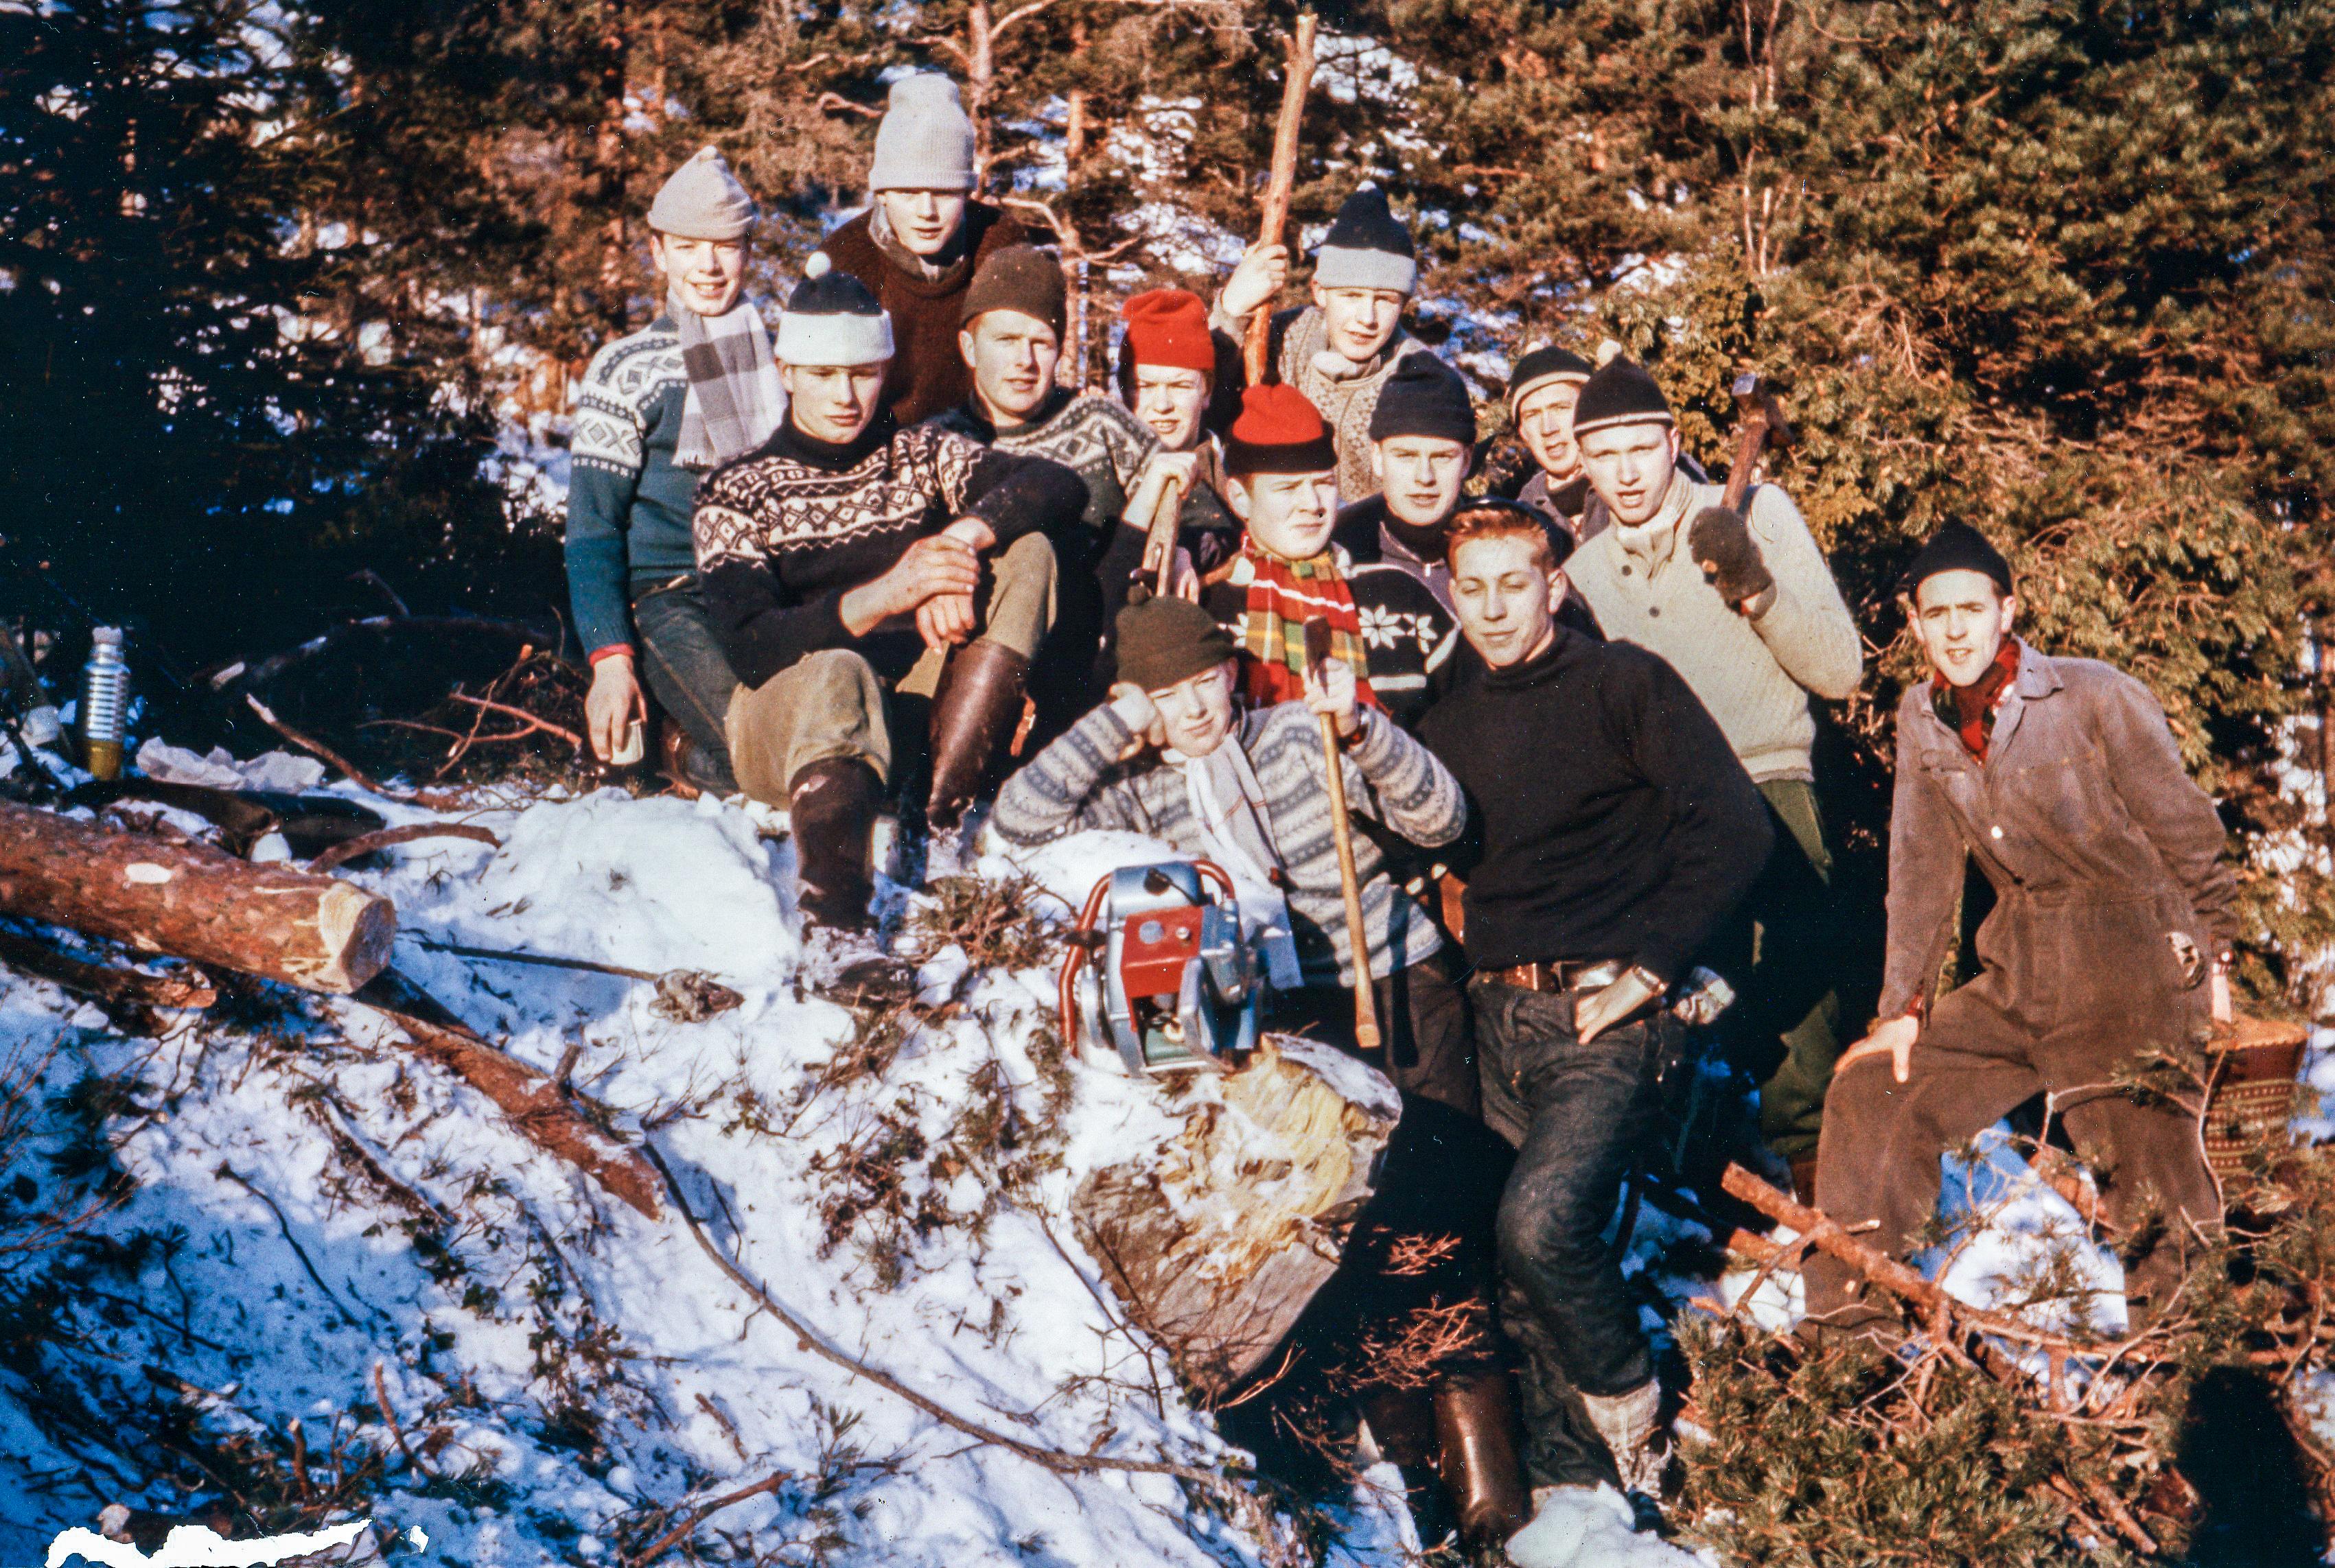 Frå venstre: Bjarte Kvåle, Leif Vik, Odd Harald Kvåle, Johannes Kvåle, Terje Tveit, Torleif Bakke, Gunnar Kvåle, Per Kristian Vik, Bjørn Terje Hauge, Kjell Henrik Vestvik, Per Vik, Olav Einar Kvåle og Tor Vik.